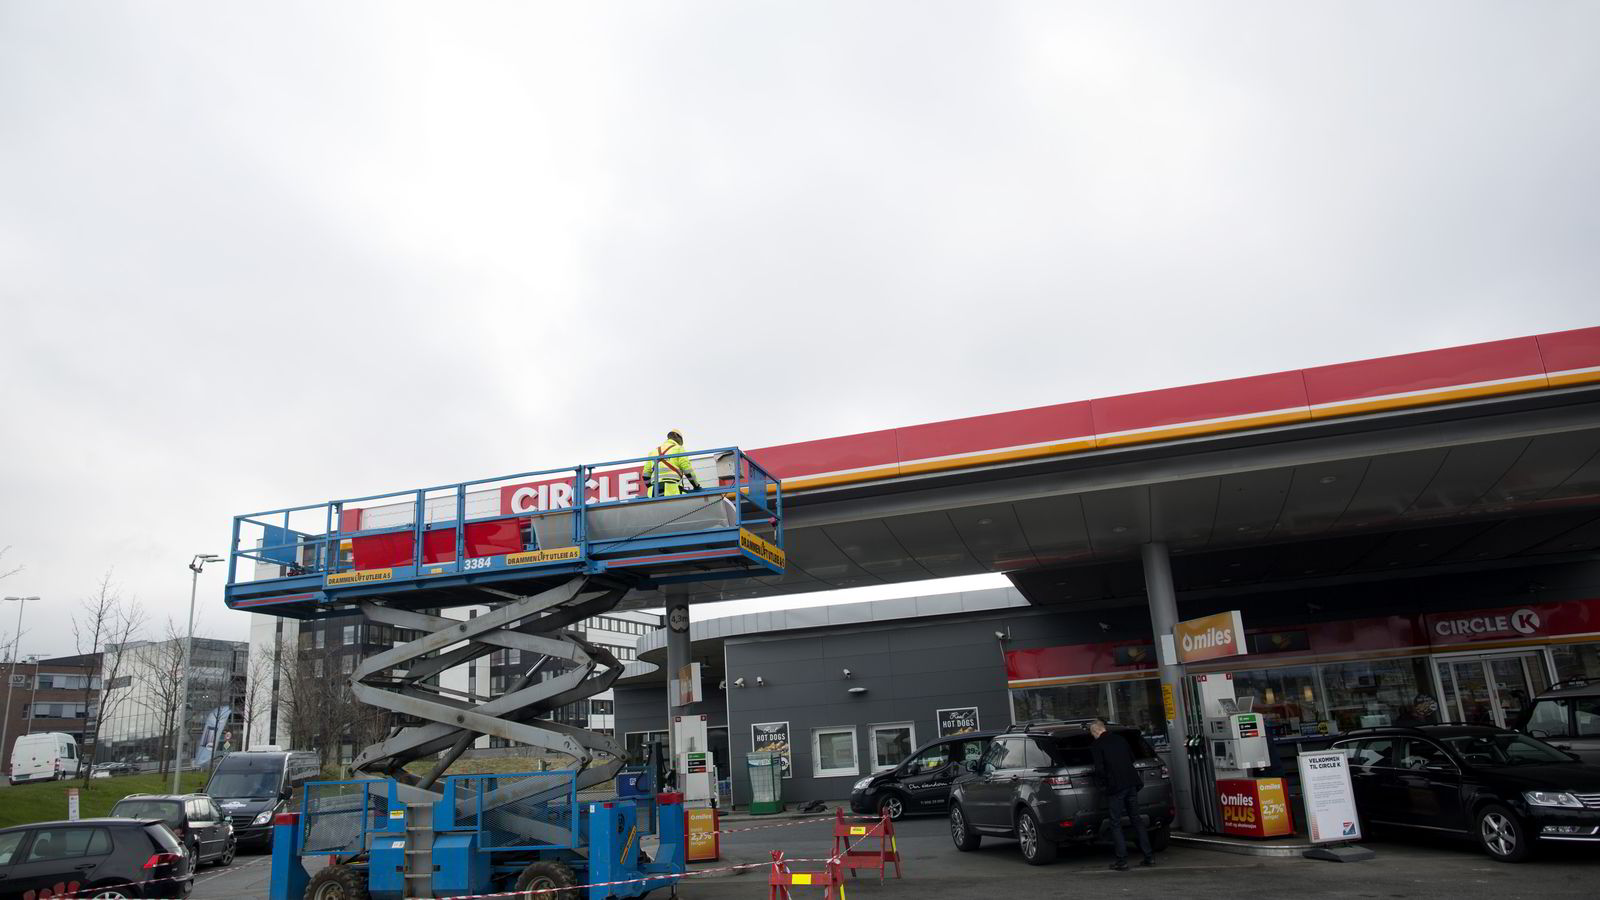 Her blir Statoil-stasjonen på Økern skiltet om til Circle K. Tirsdag er det Europa-lansering av kjeden som er Norges største bensinstasjonkjede. Foto: